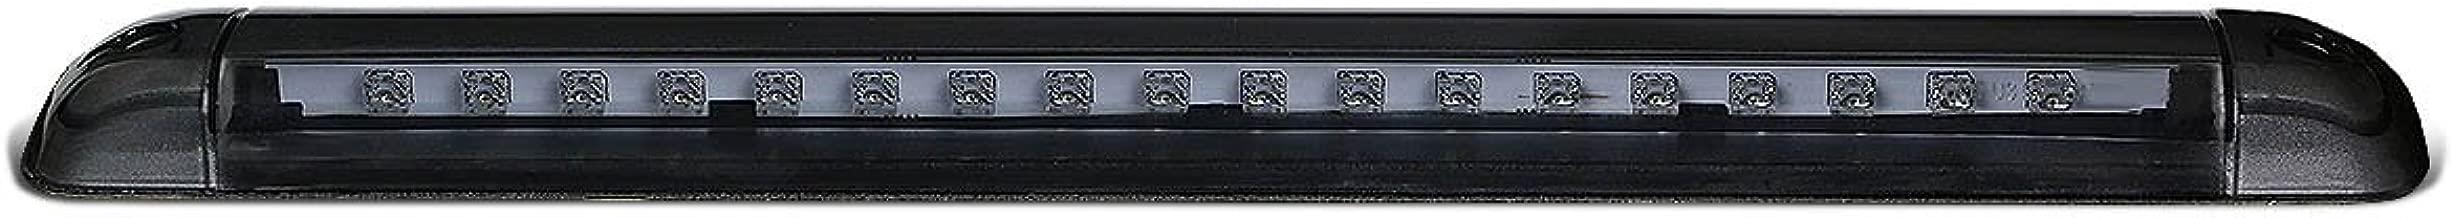 DNA Motoring 3BL-S104D-LED-SM Third Brake Light